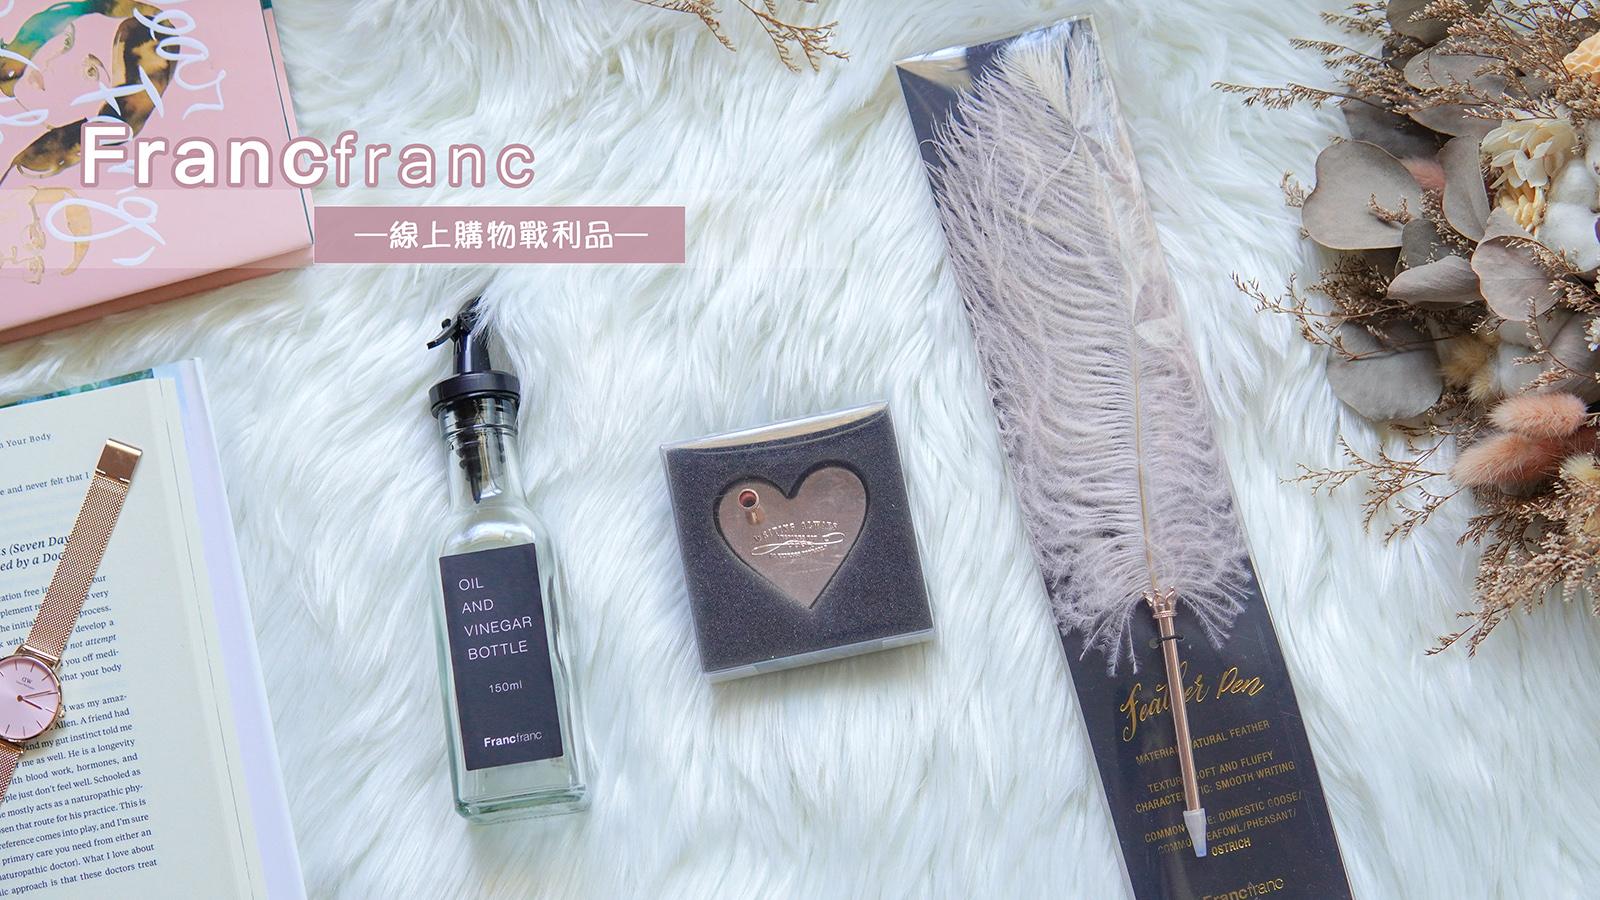 ☆【雜貨】台灣也買得到Francfranc!線上購物網 夏季特惠戰利品 開箱 @凱的日本食尚日記